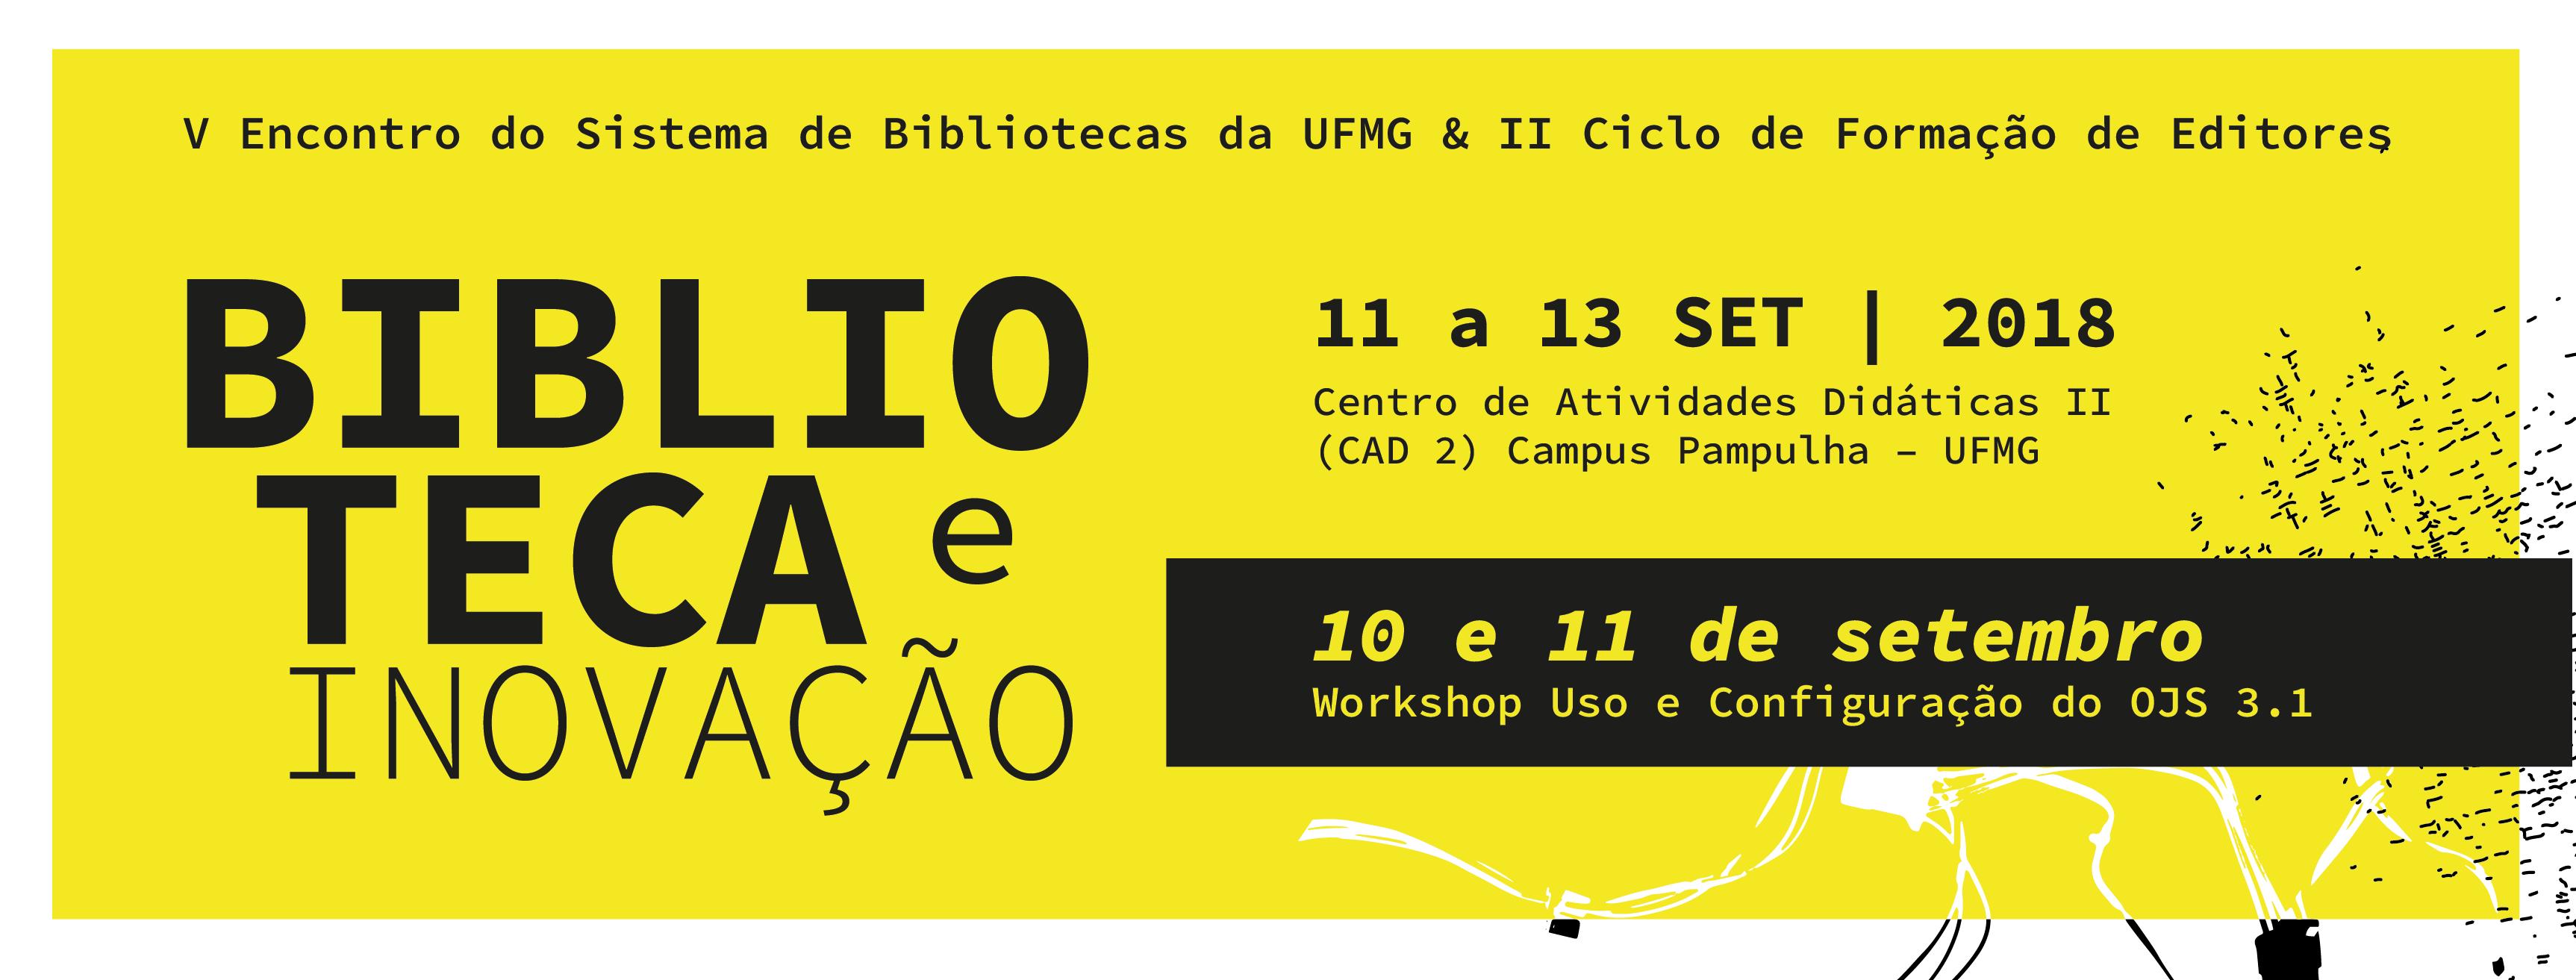 II Ciclo De Formação De Editores Da UFMG